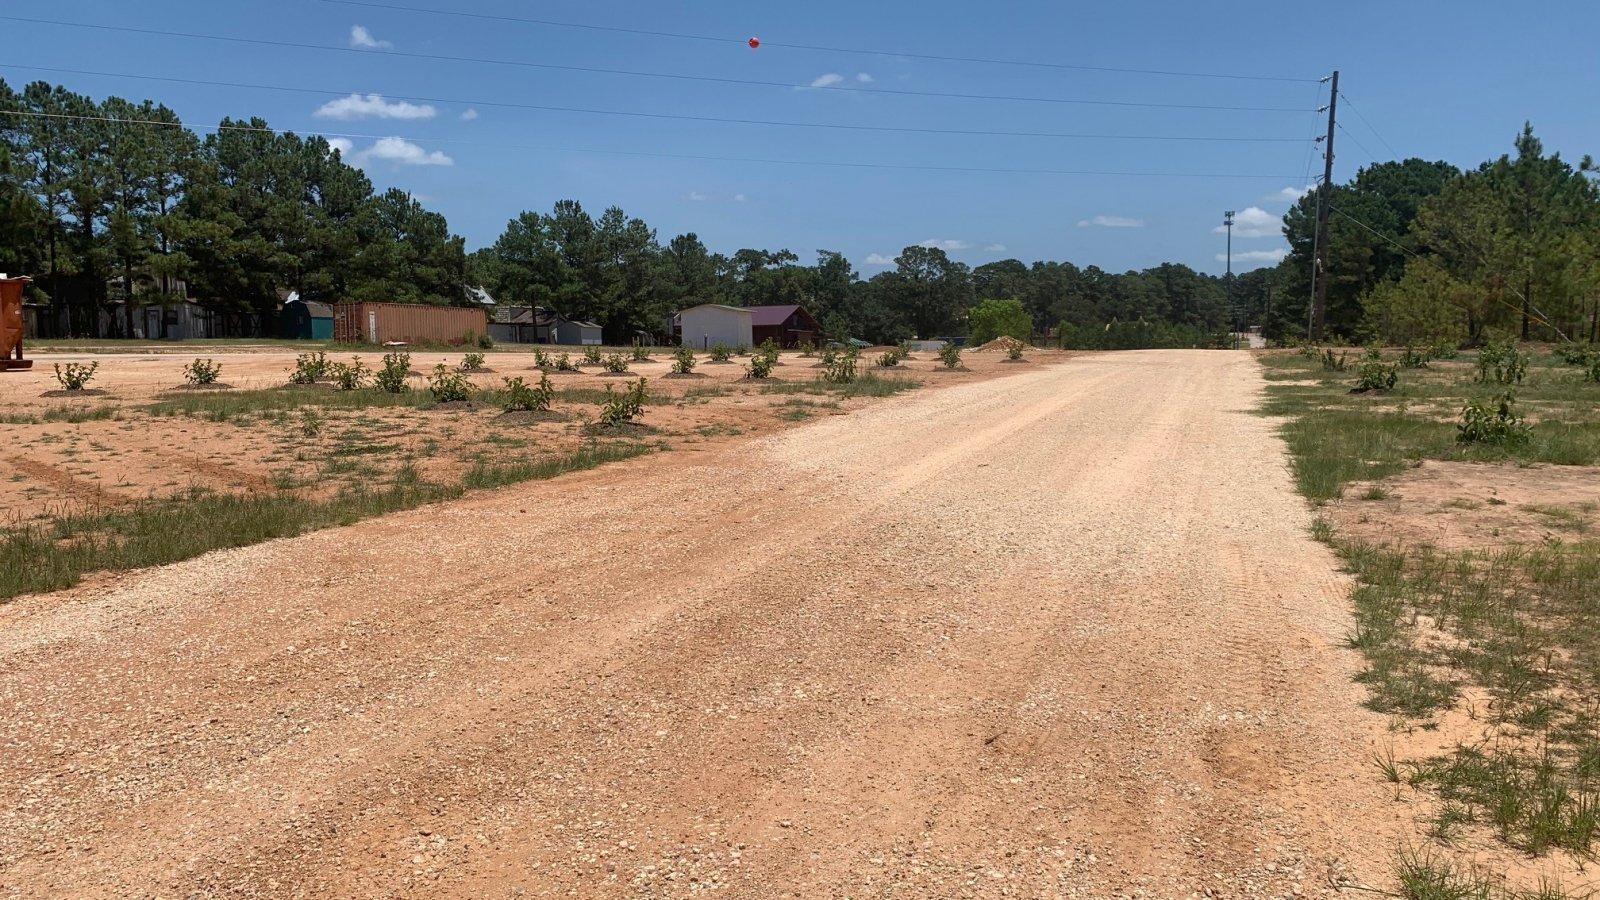 Participant RV area road.